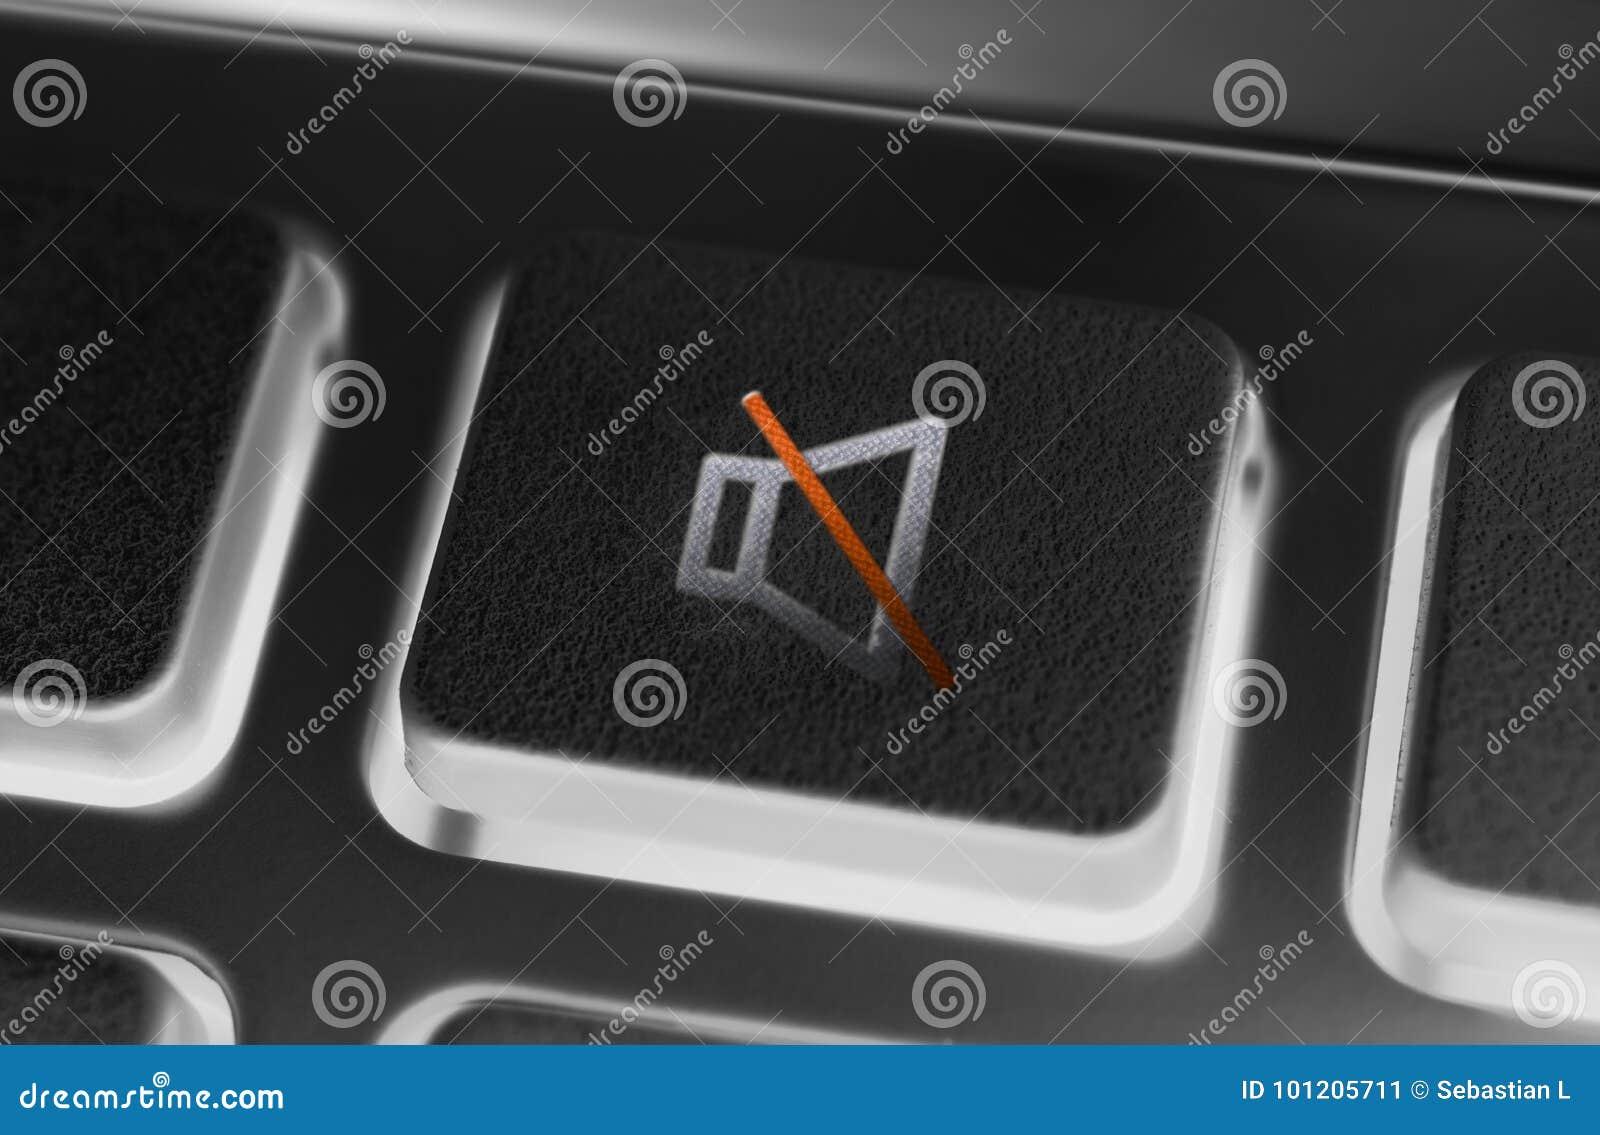 Schließen Sie oben von einem schwarzen Volumen-Stumm-Knopf einer schwarzen Fernbedienung mit Hintergrundbeleuchtung